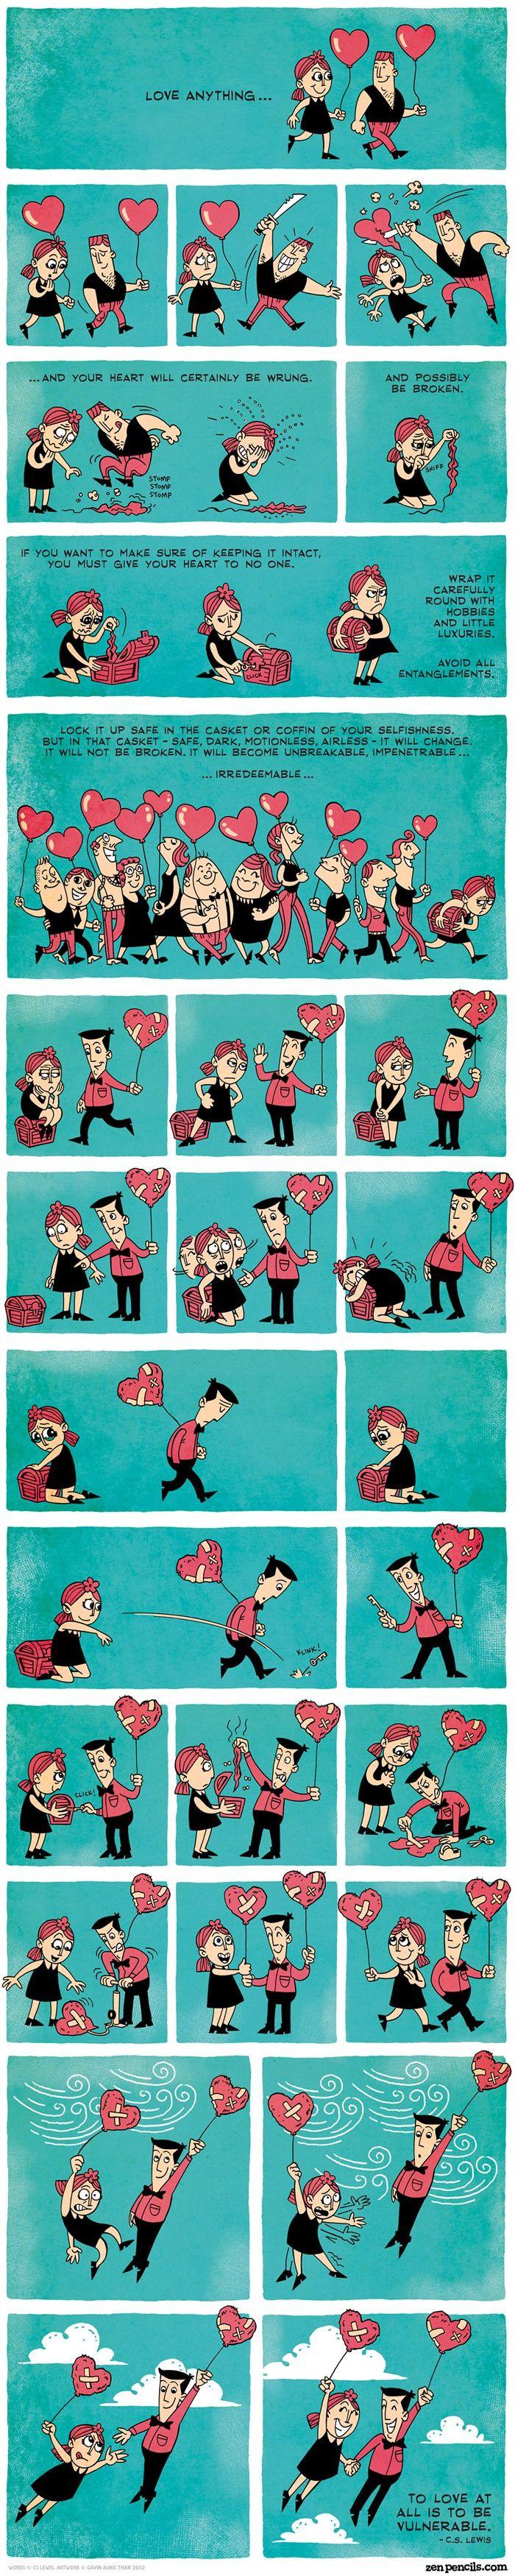 Essas tirinhas mostram de maneira bem humorada o quanto entregar-se a um relacionamento pode nos ferir quando algo não dá certo. Após a decepção, a tendência das pessoas é se fecharem para nos experiências (guardar suas dores, sentimentos e coração ferido num baú e, se possível, ainda jogar a chave fora). Entretanto, depois de um tempo, a esperança e a ilusão em uma nova relação pode voltar e, quando a pessoa menos espera, lá está ela novamente, voando vulnerável...